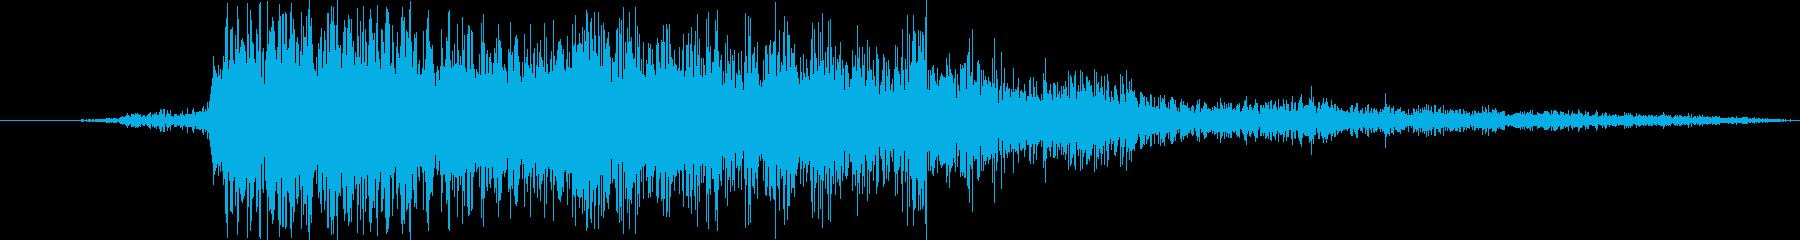 ミリタリーF-16:Ext:Rip...の再生済みの波形